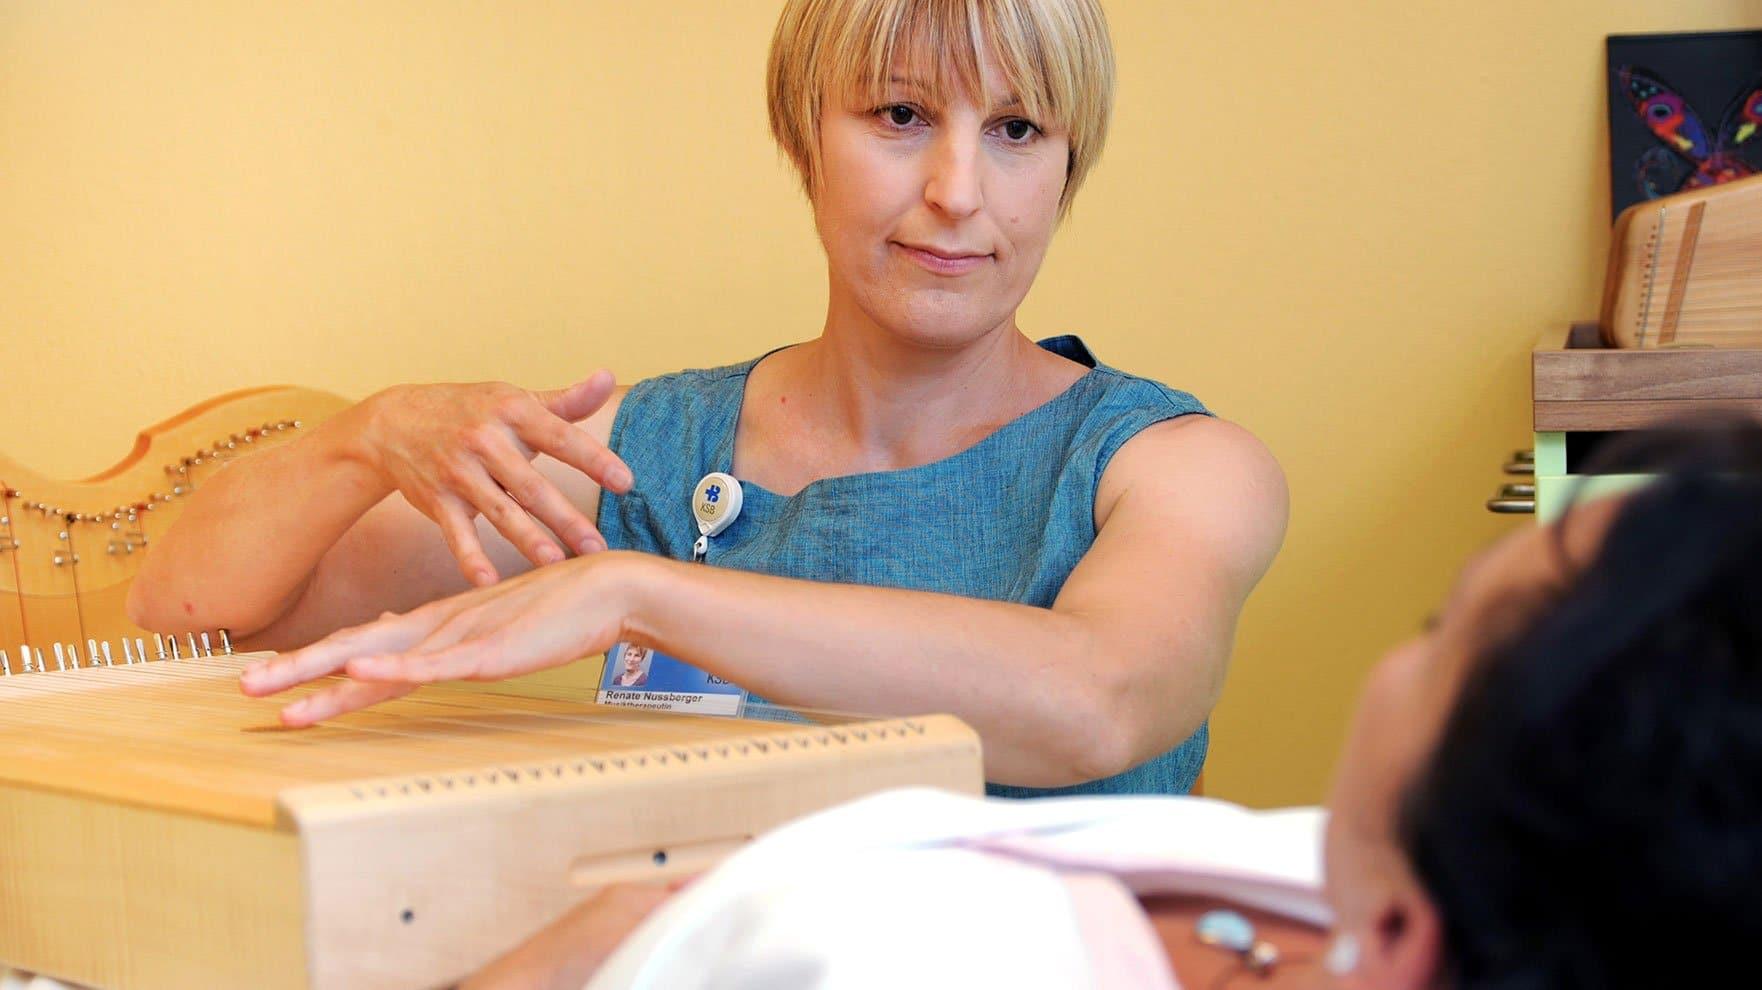 Musiktherapeutin Renate Nussberger spielt auf einer Körpertambura.